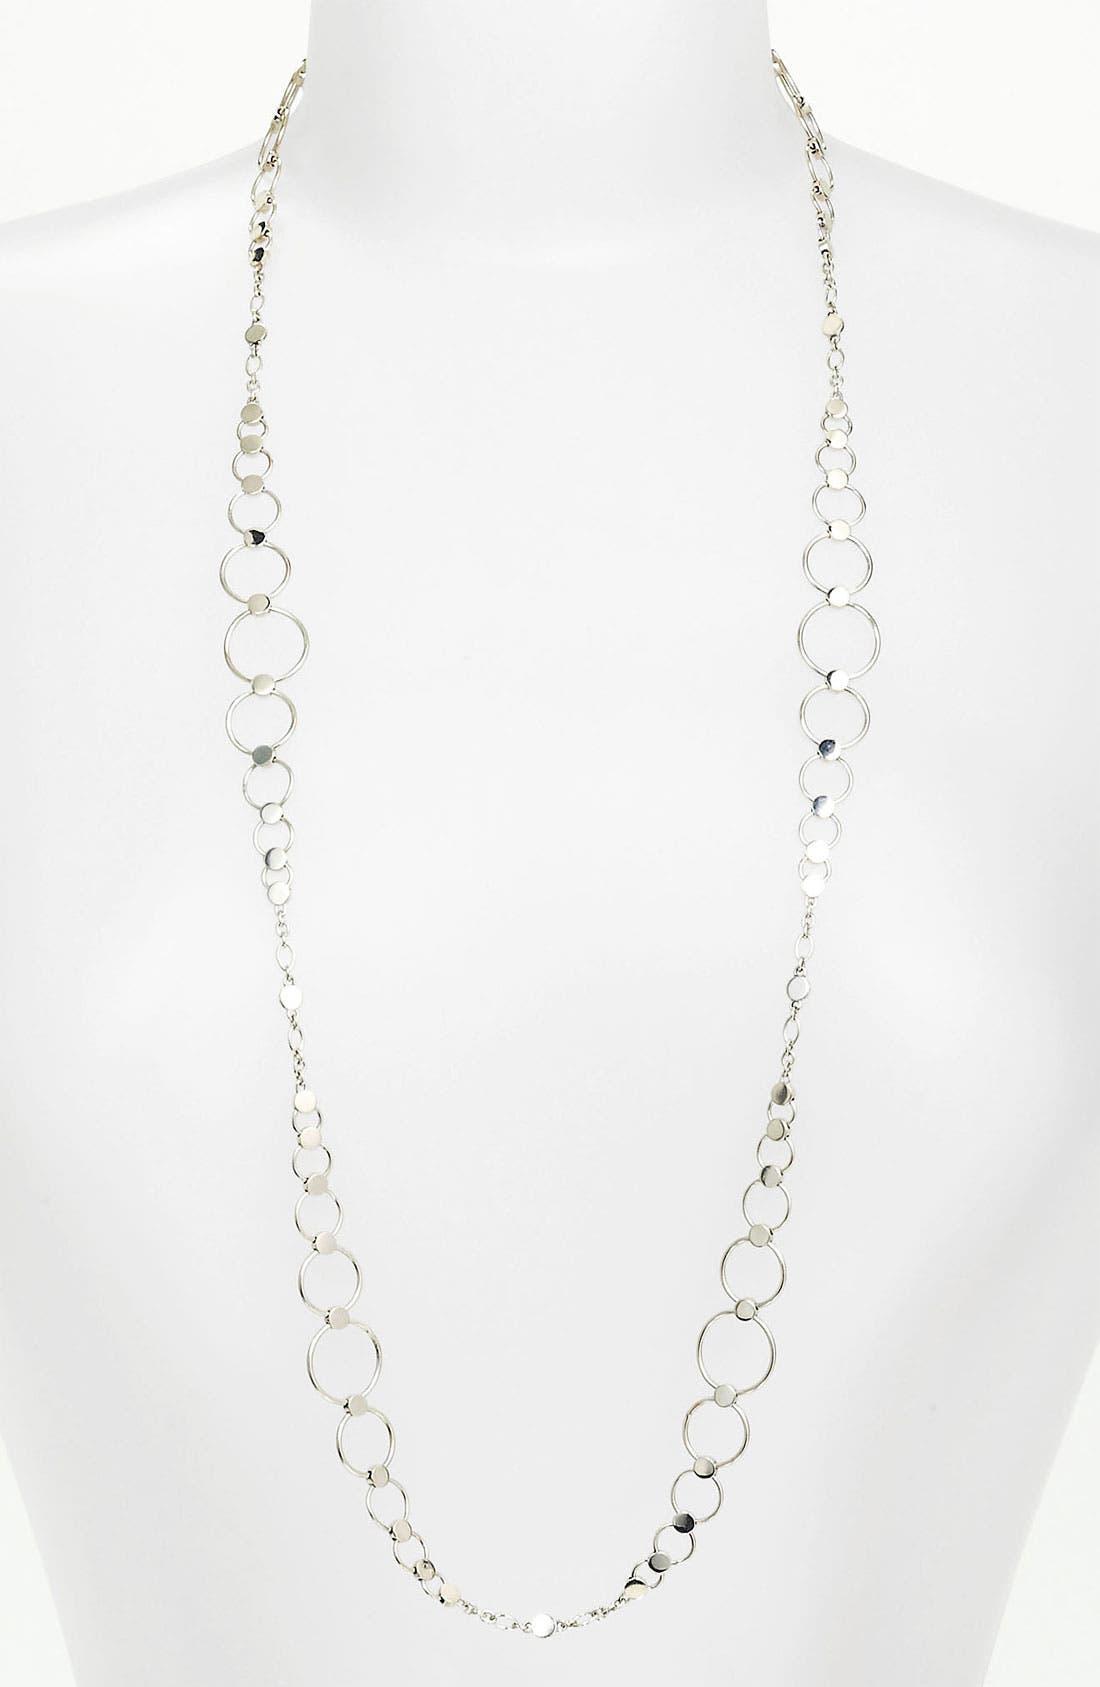 Alternate Image 1 Selected - John Hardy 'Dot' Long Sautoir Necklace